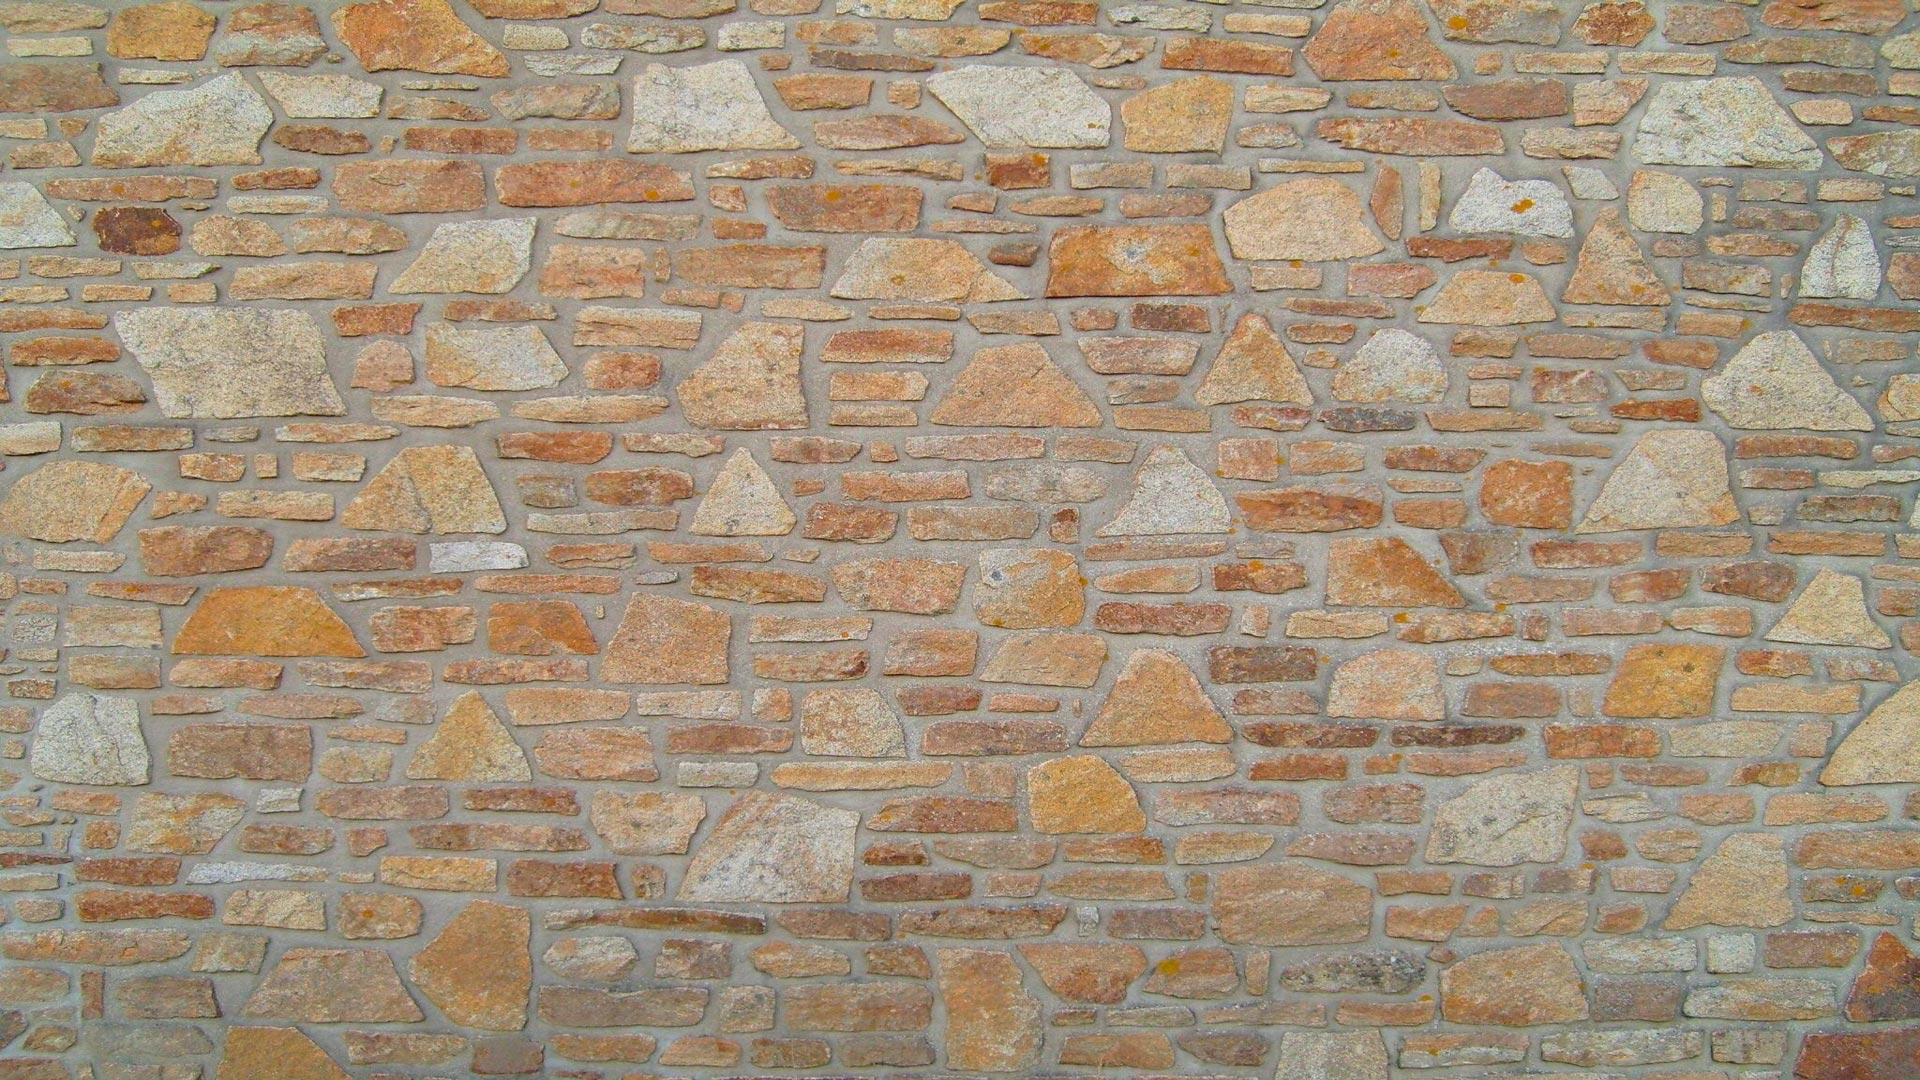 Colocar un revestimiento de imitaci n de piedra en el sal n - Revestimiento paredes imitacion piedra ...